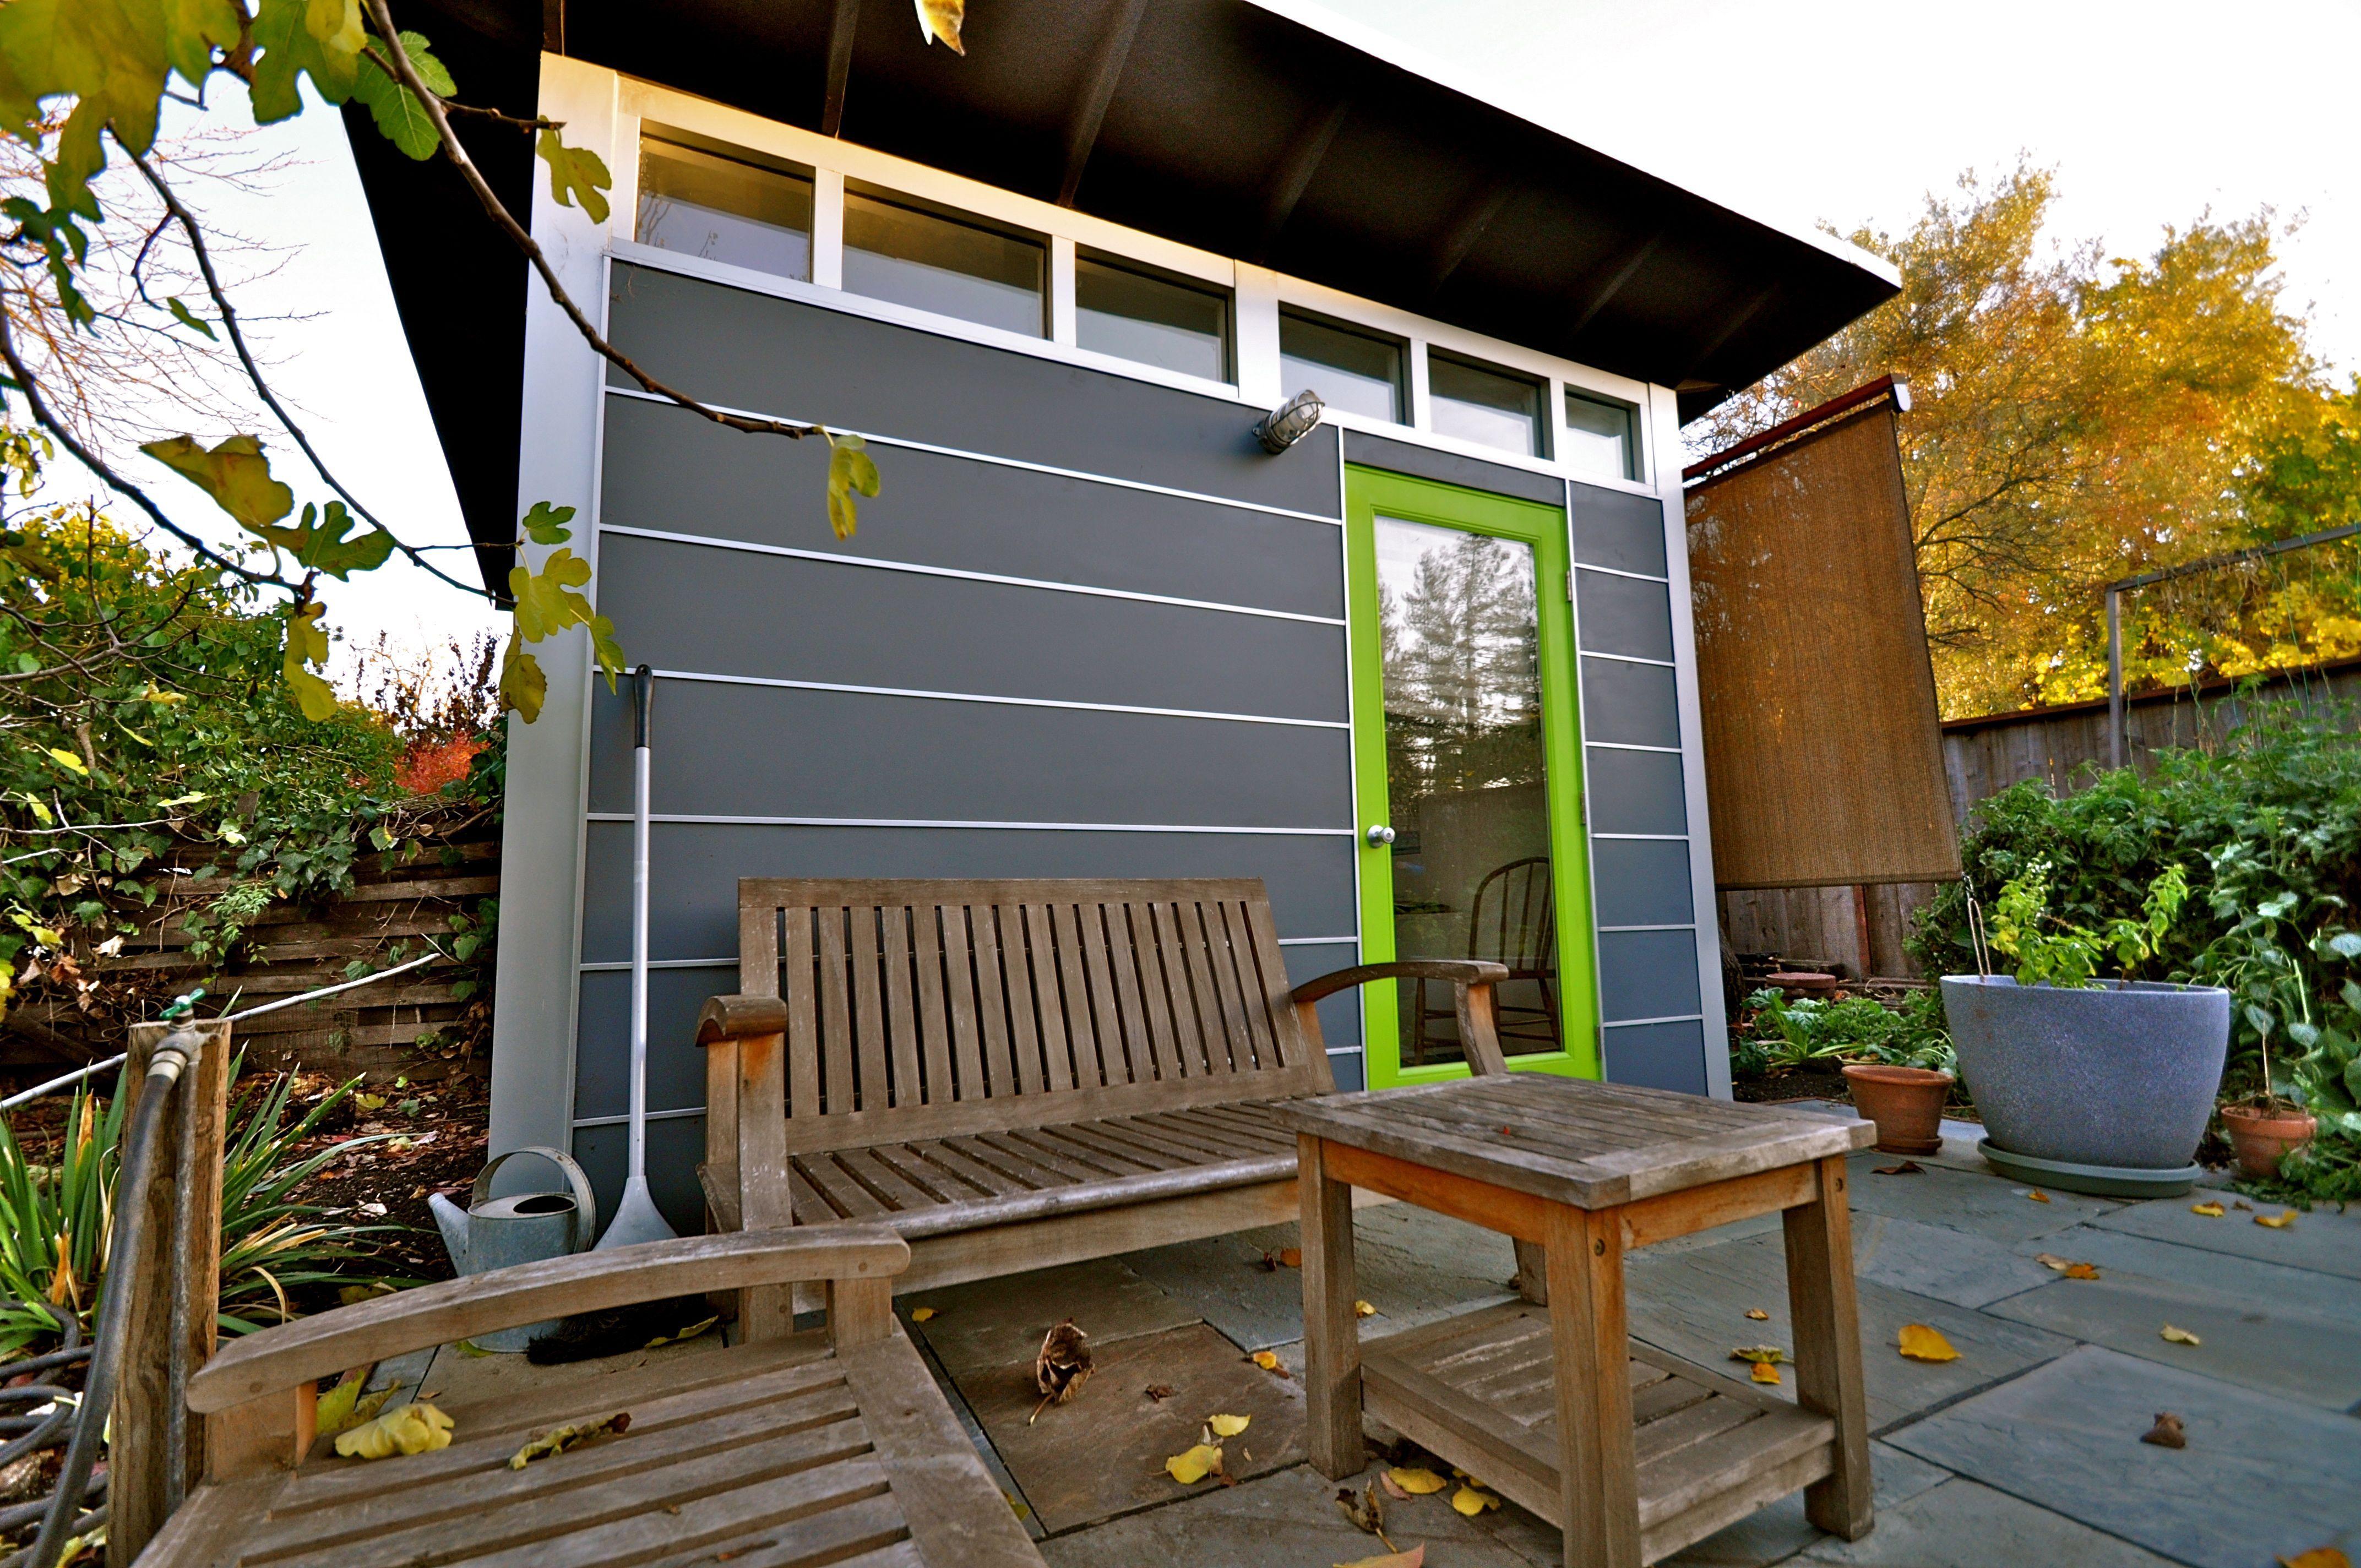 www.studio-shed studio shed 10x12 backyard retreat - home